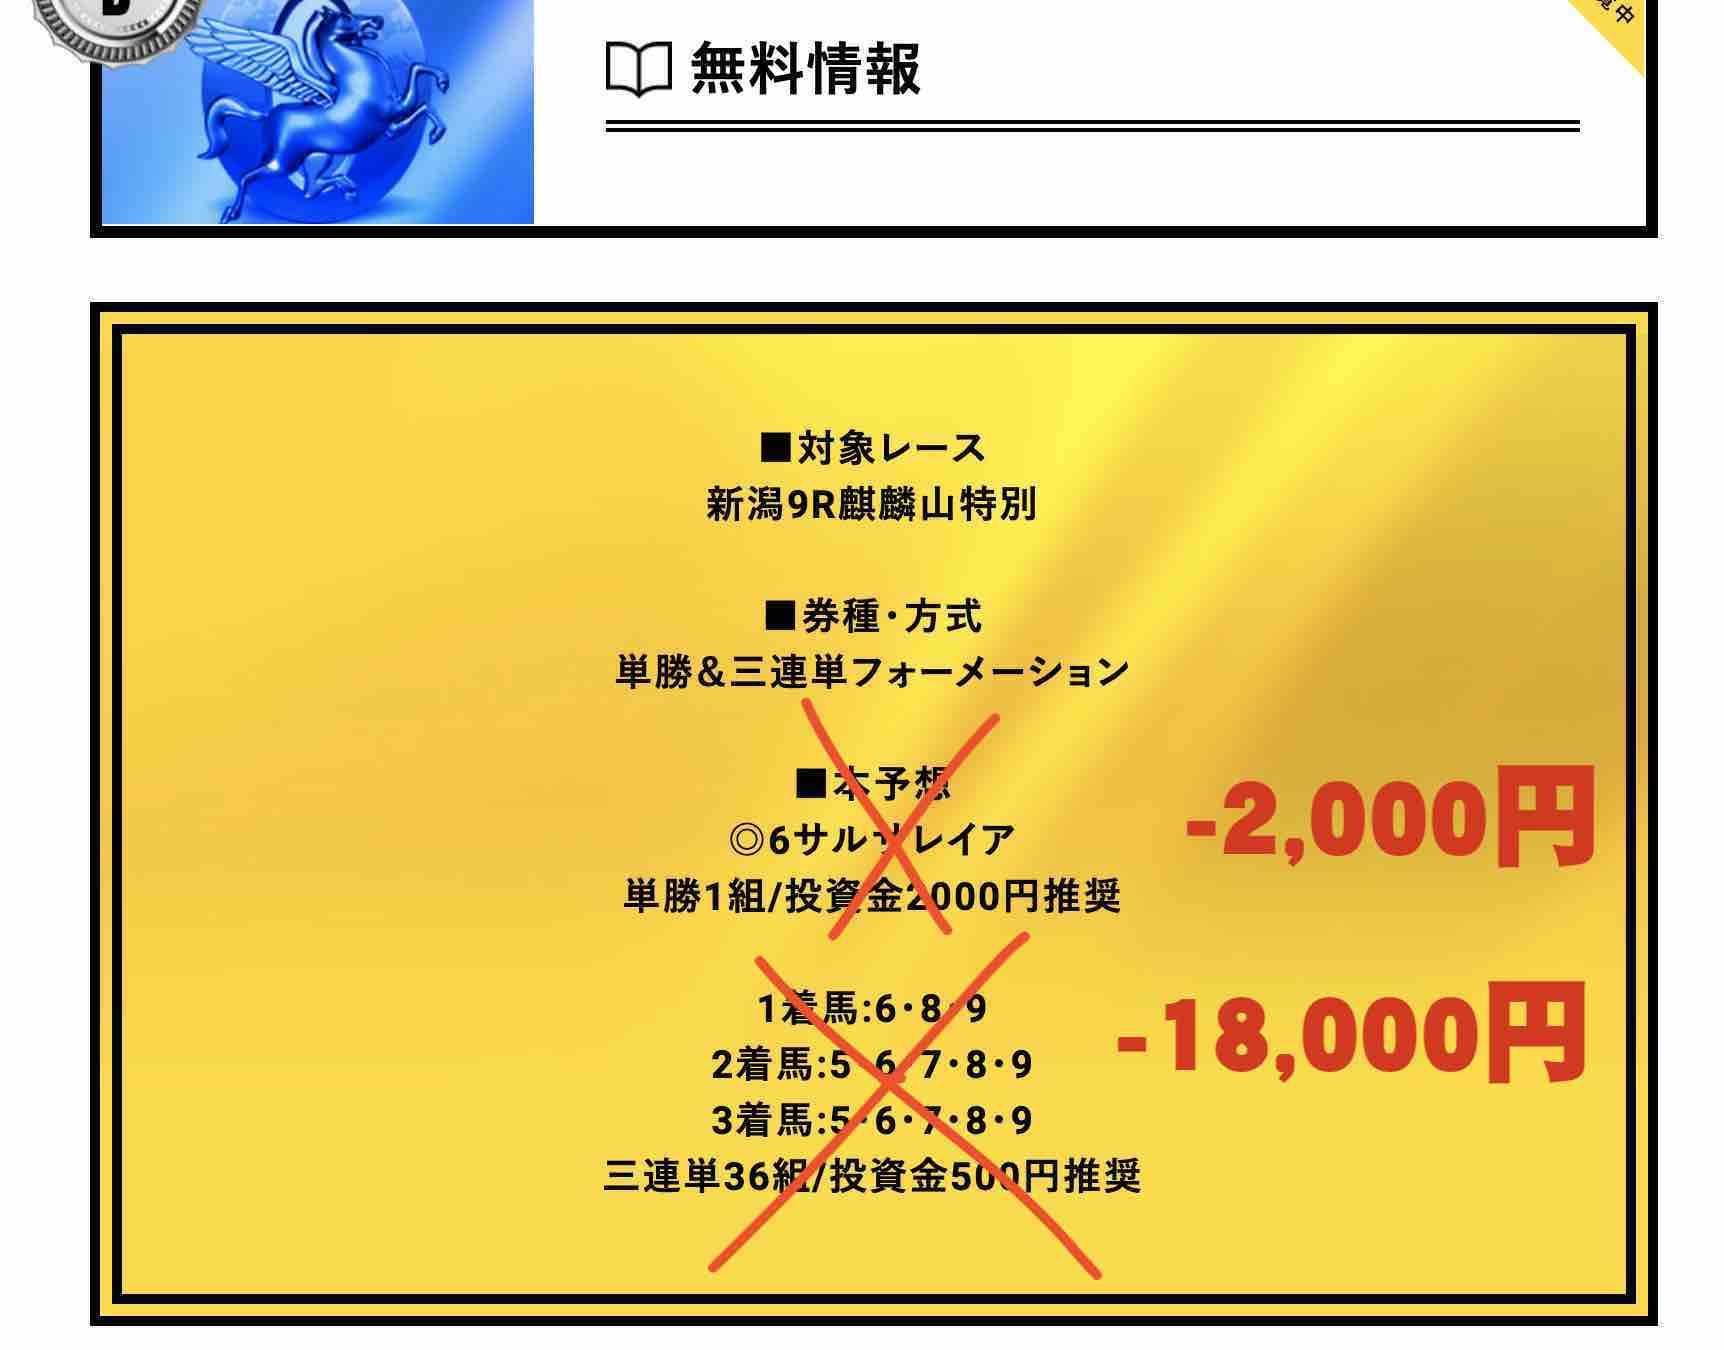 ゴールドラッシュ(GOLDRUSH)という競馬予想サイトの無料情報